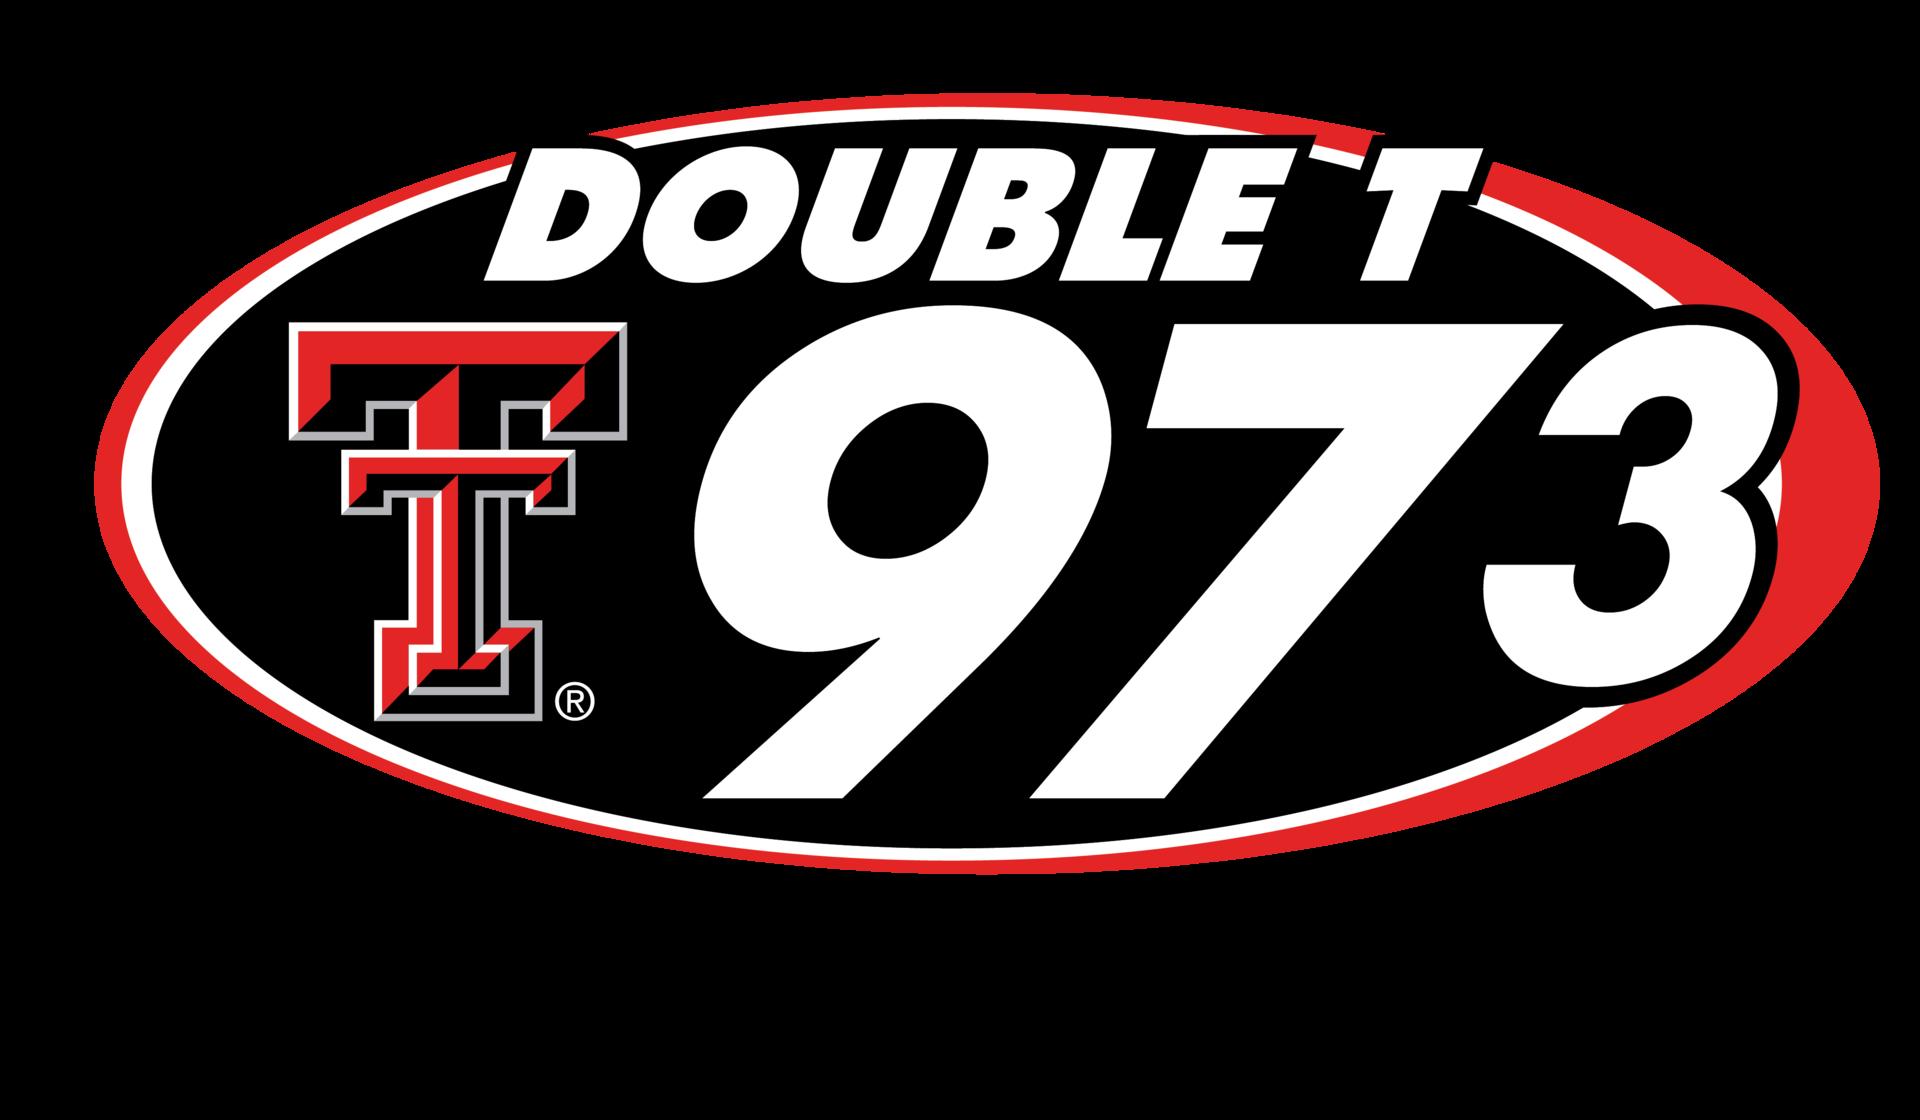 Double T 97.3